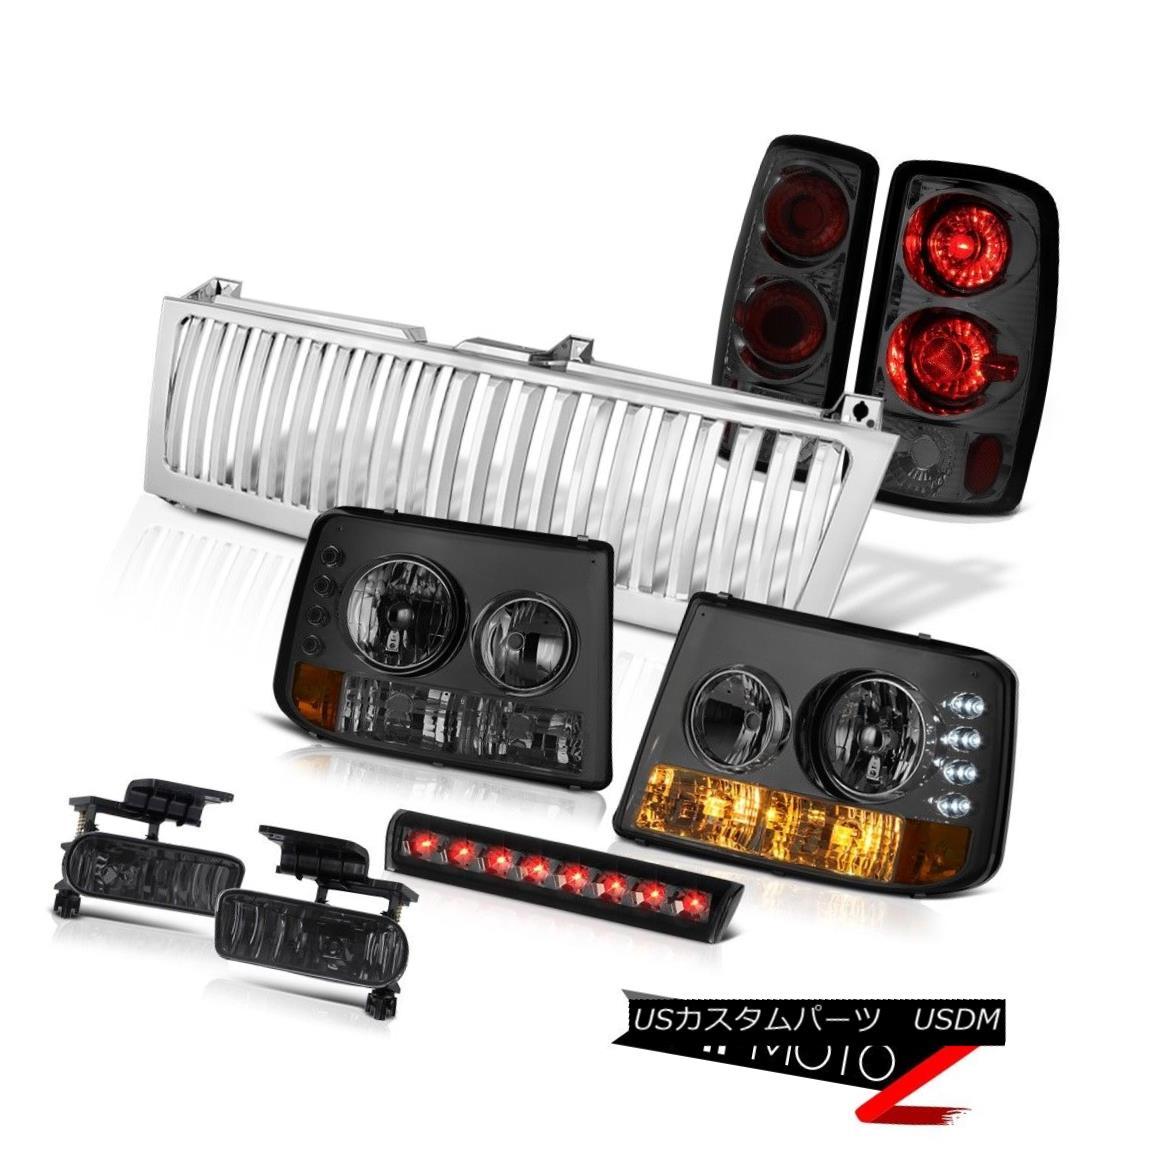 ヘッドライト Tinted Parking Headlamps Smoke Red Tail Lights Fog LED Grille 00-06 Tahoe 5.3L 着色駐車場ヘッドランプ煙レッドテールライトフォグLEDグリル00-06タホー5.3L